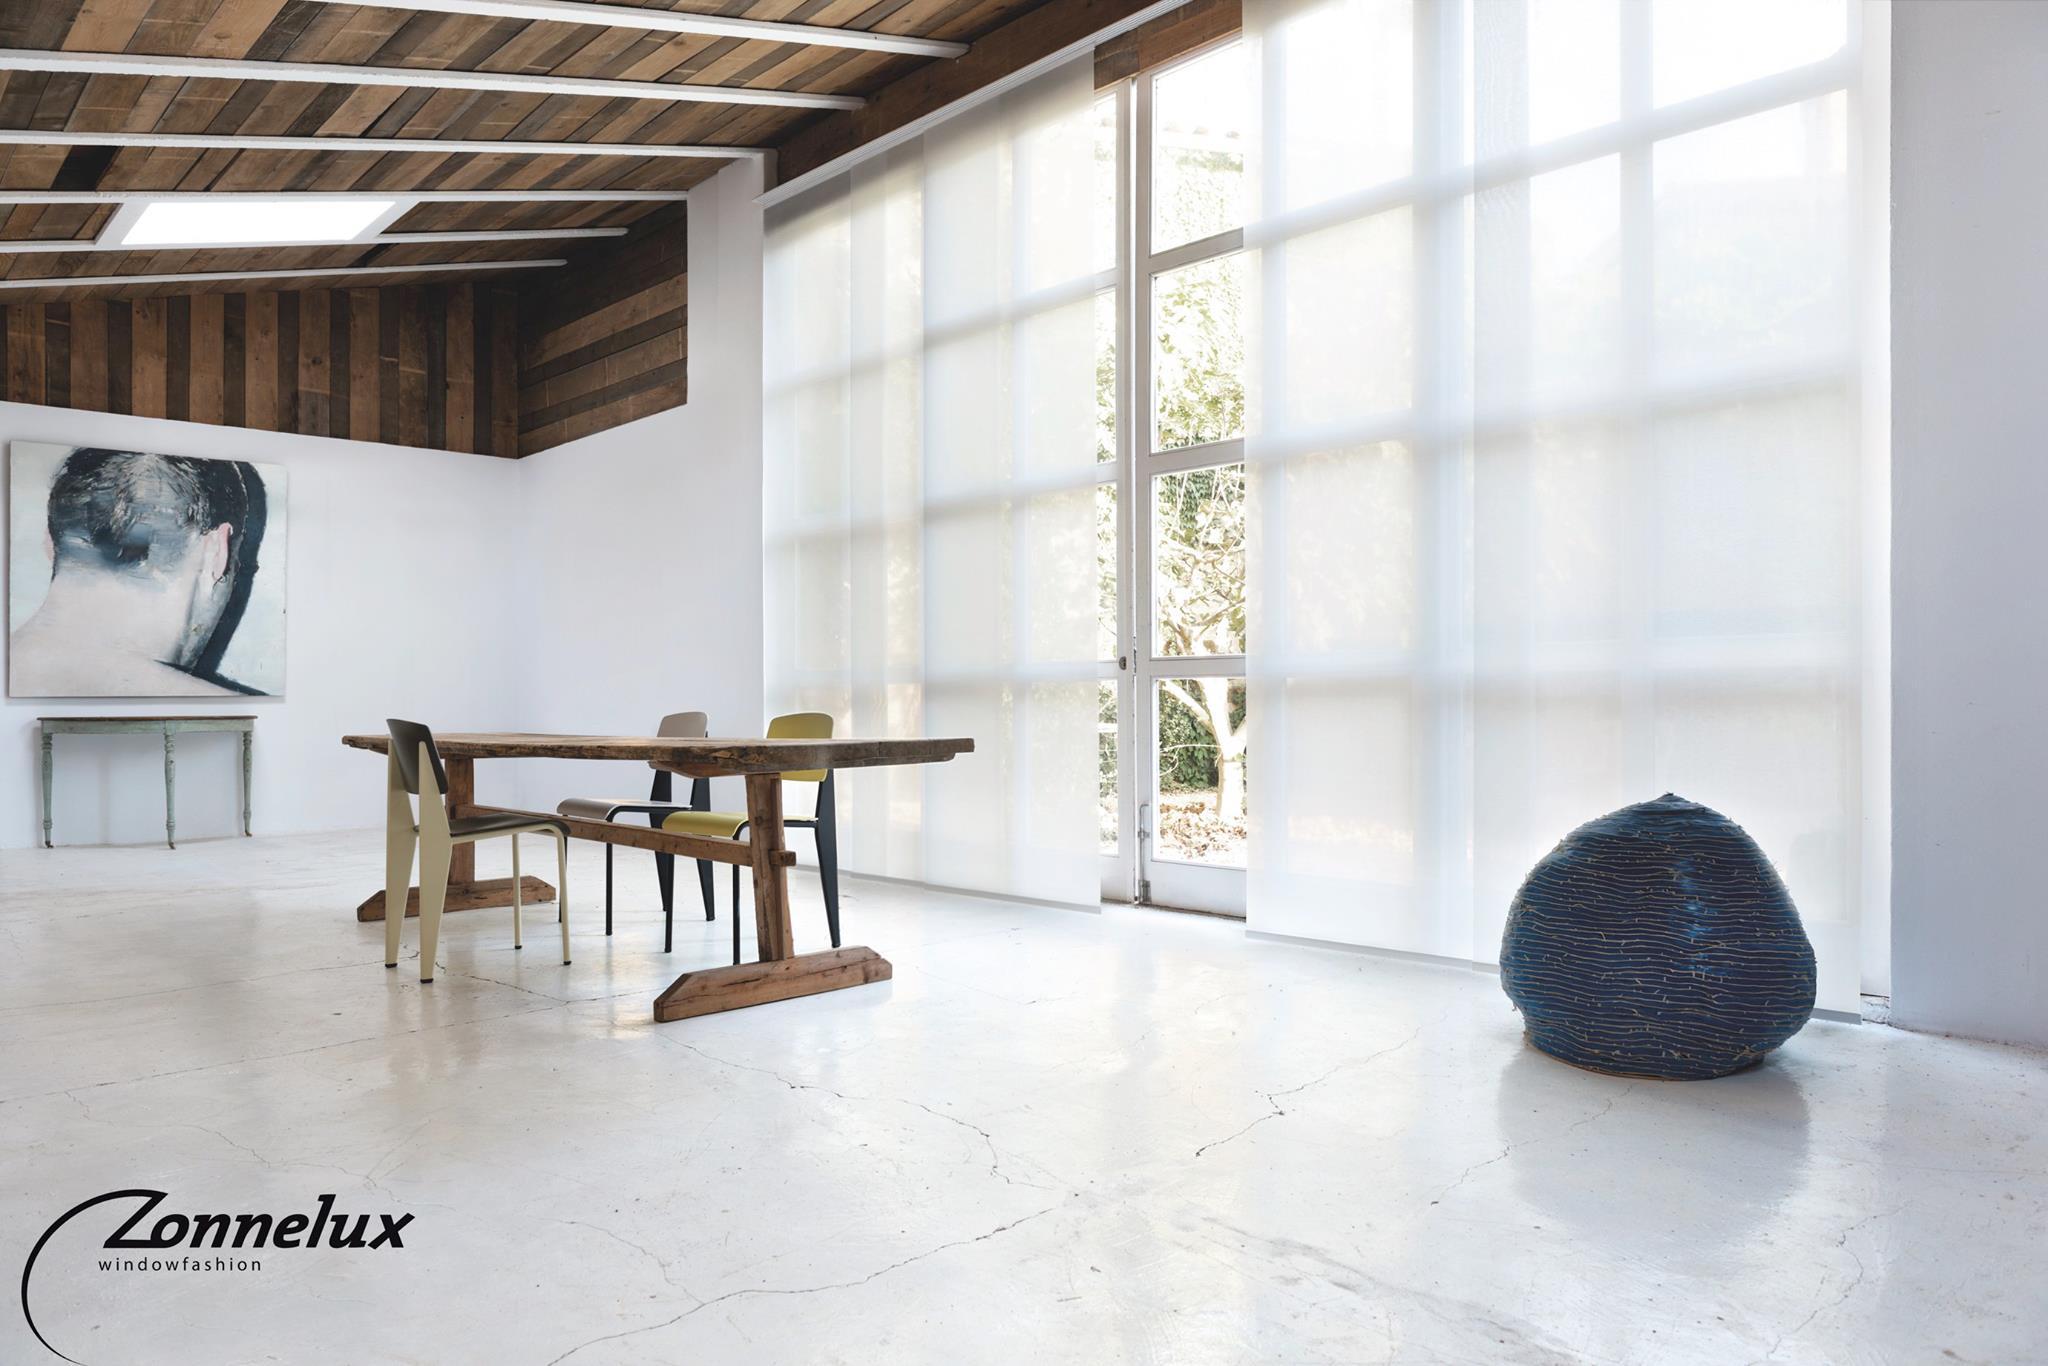 9 x raambekleding voor je woonkamer - maison belle, Deco ideeën